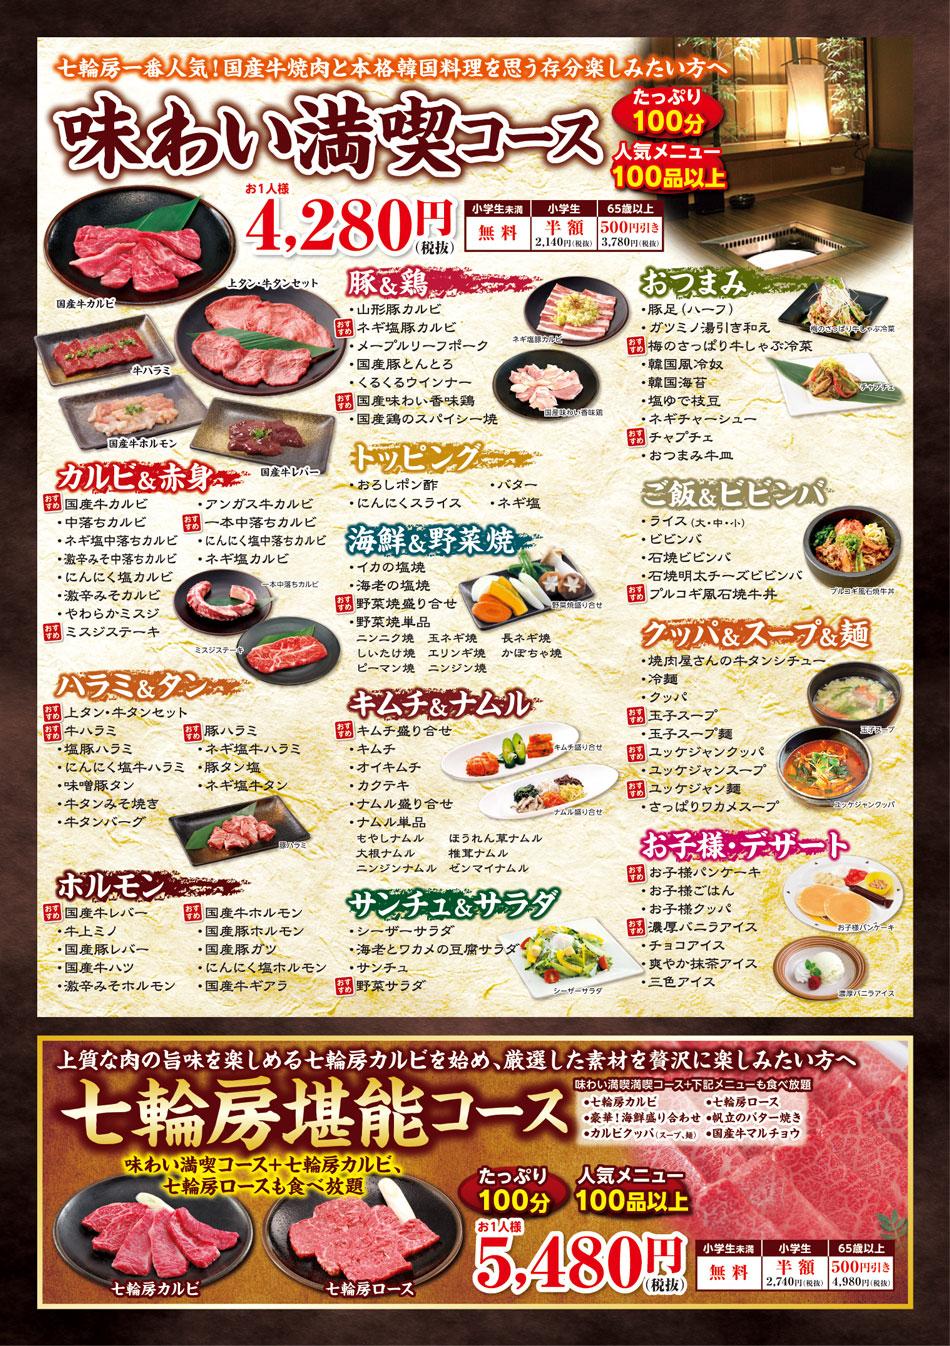 食べ放題味わい満喫コース4,280円(税抜)